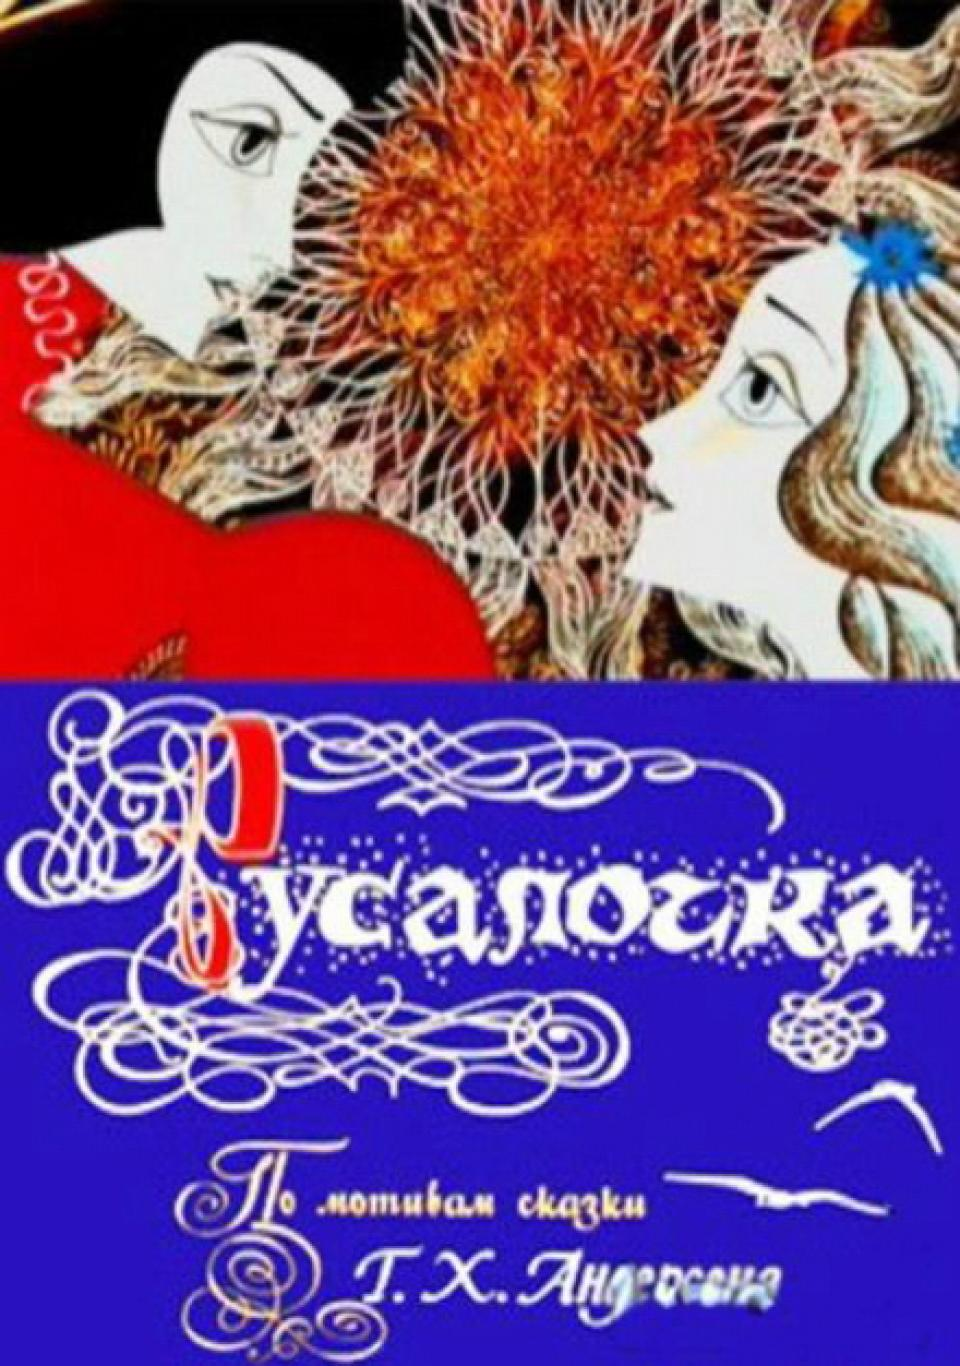 Русалочка (1968) Наша версия куда пронзительнее и трагичнее